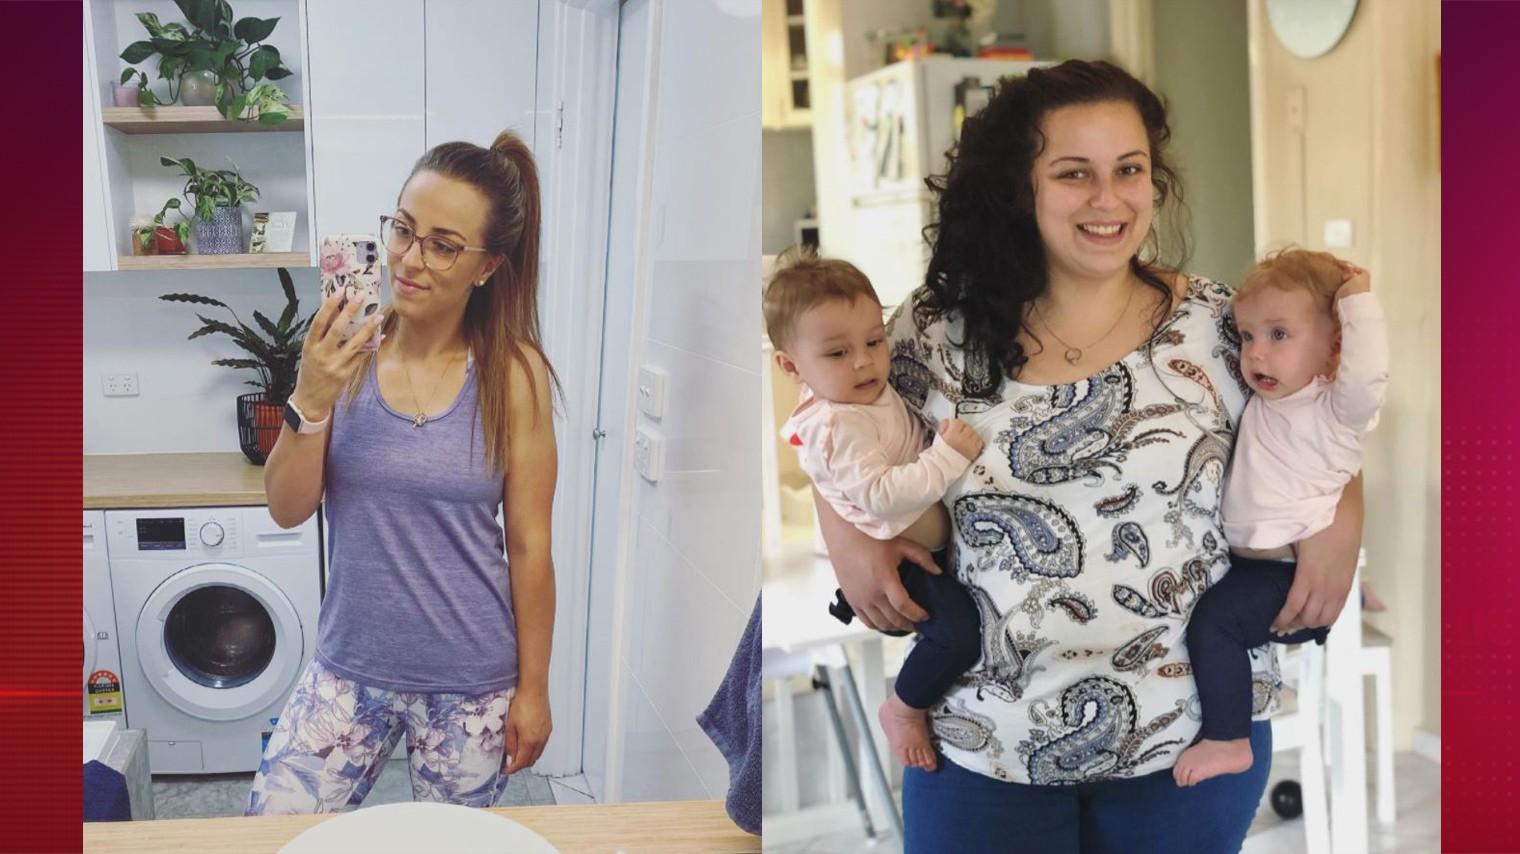 За год минус 40 килограммов: жительница Австралии раскрыла секрет похудения